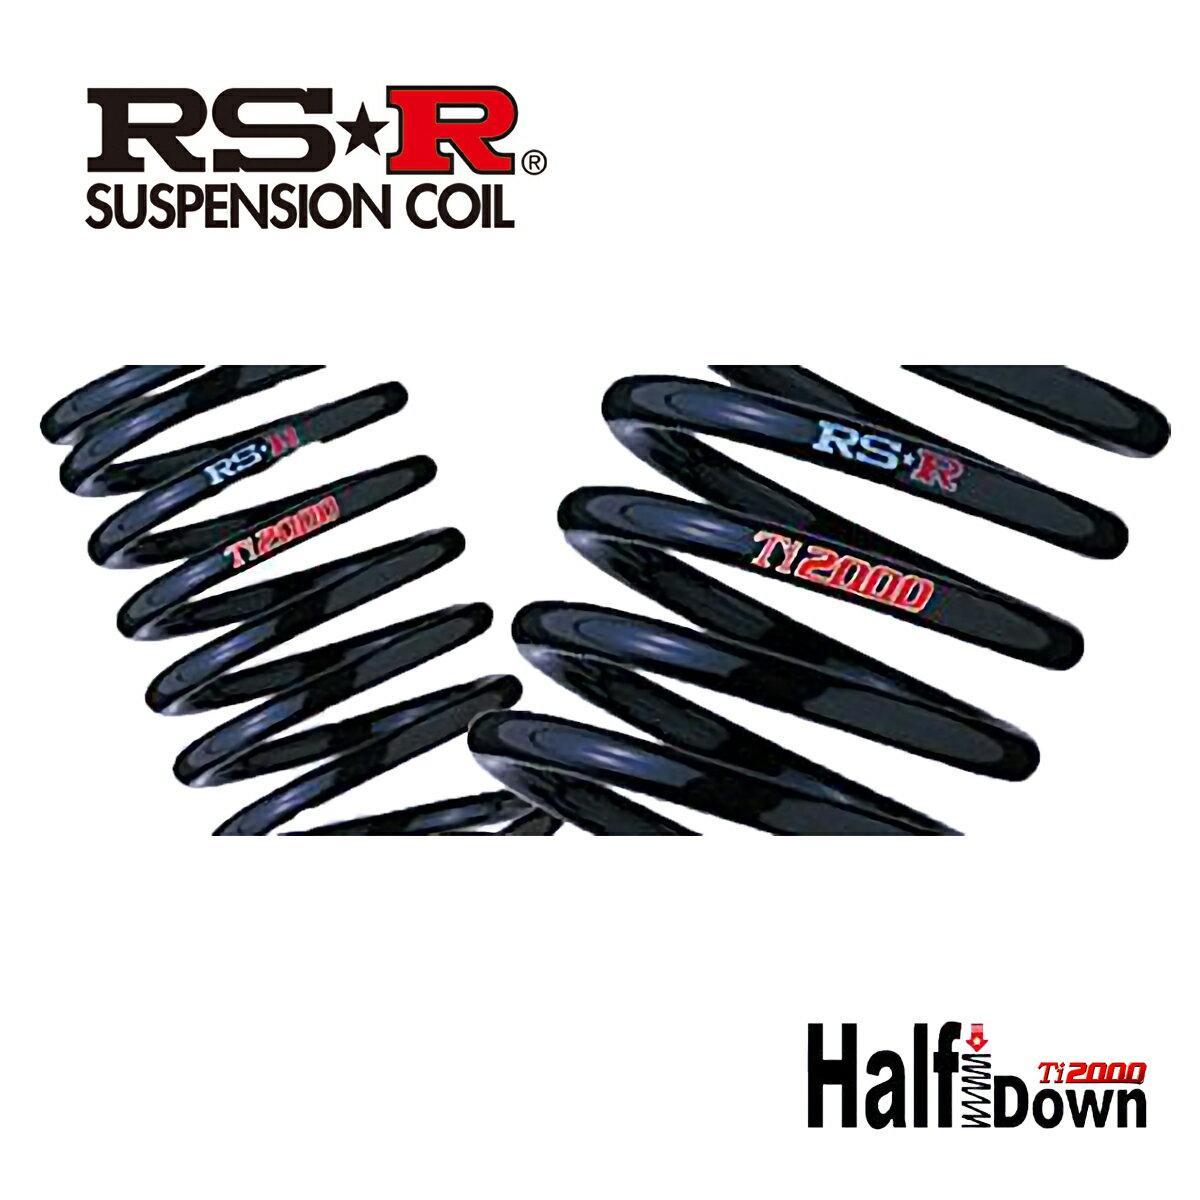 RS-R アルトワークス ベースグレード HA36S ダウンサス スプリング リアのみ S022THDR Ti2000 ハーフダウン RSR 条件付き送料無料